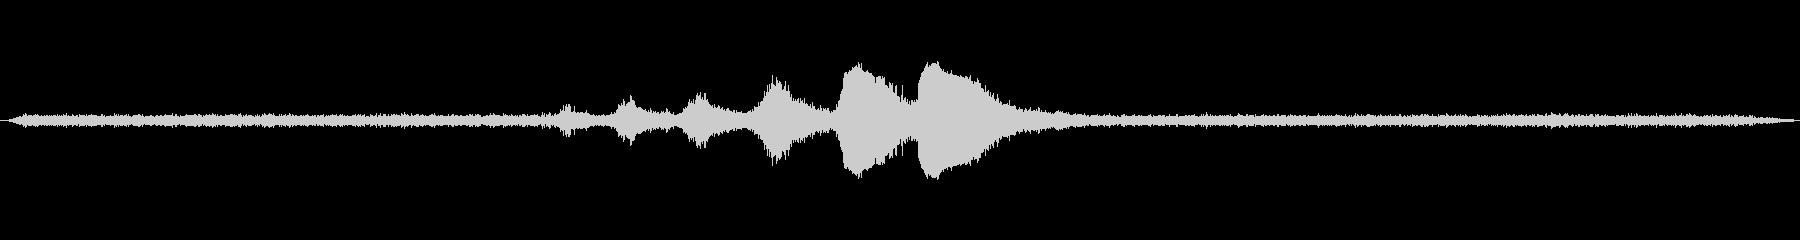 ビンテージ 車 シボレー57リビジ...の未再生の波形